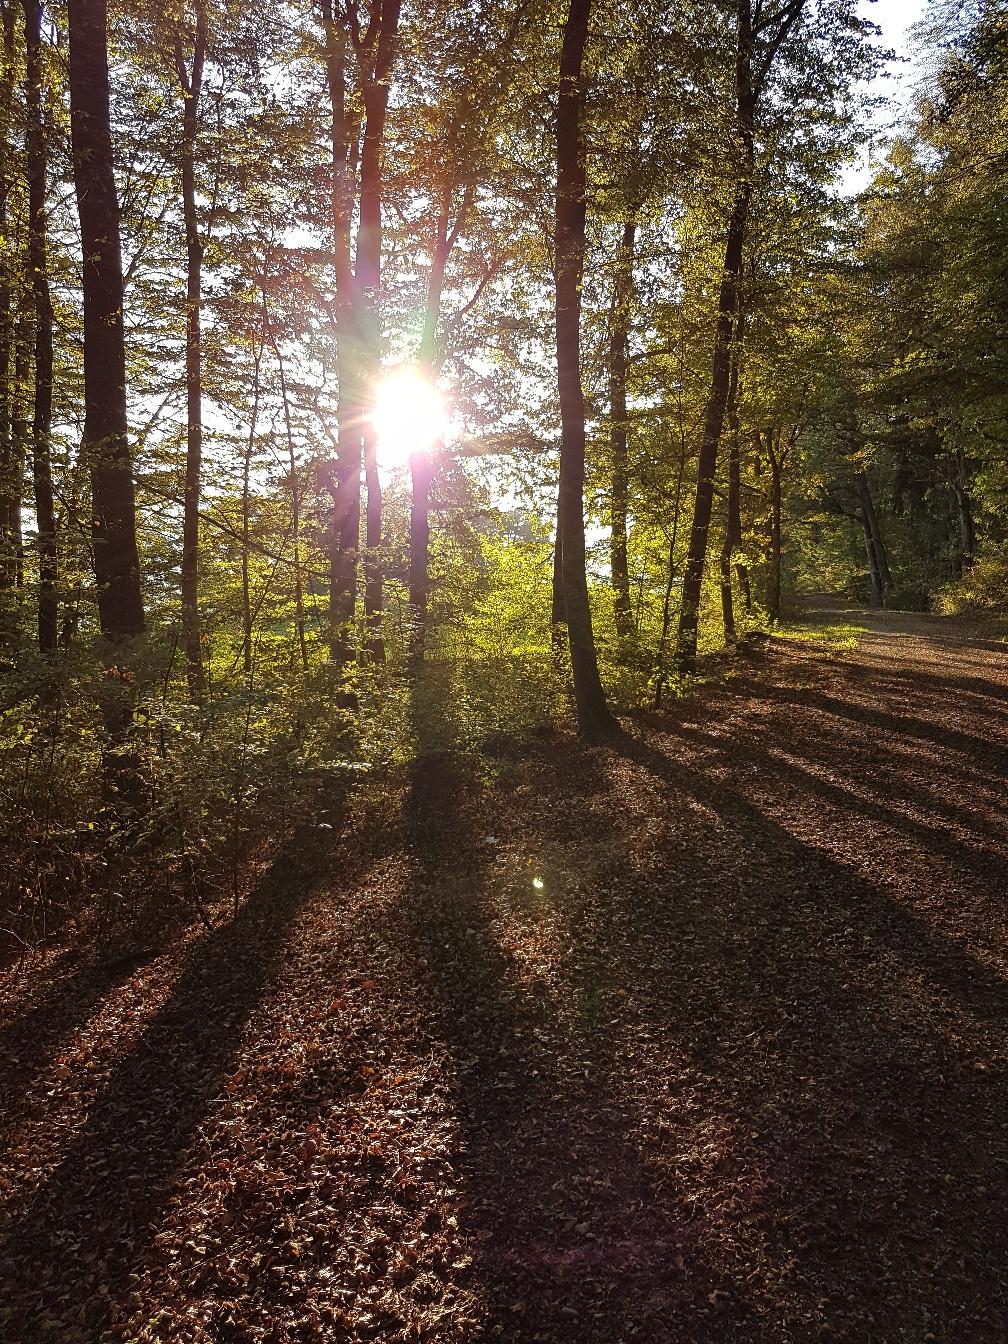 Das Licht durchleuchtet den Wald und macht die Schatten sichtbar, um den eigenen Weg zu sehen und ihn zu gehen.